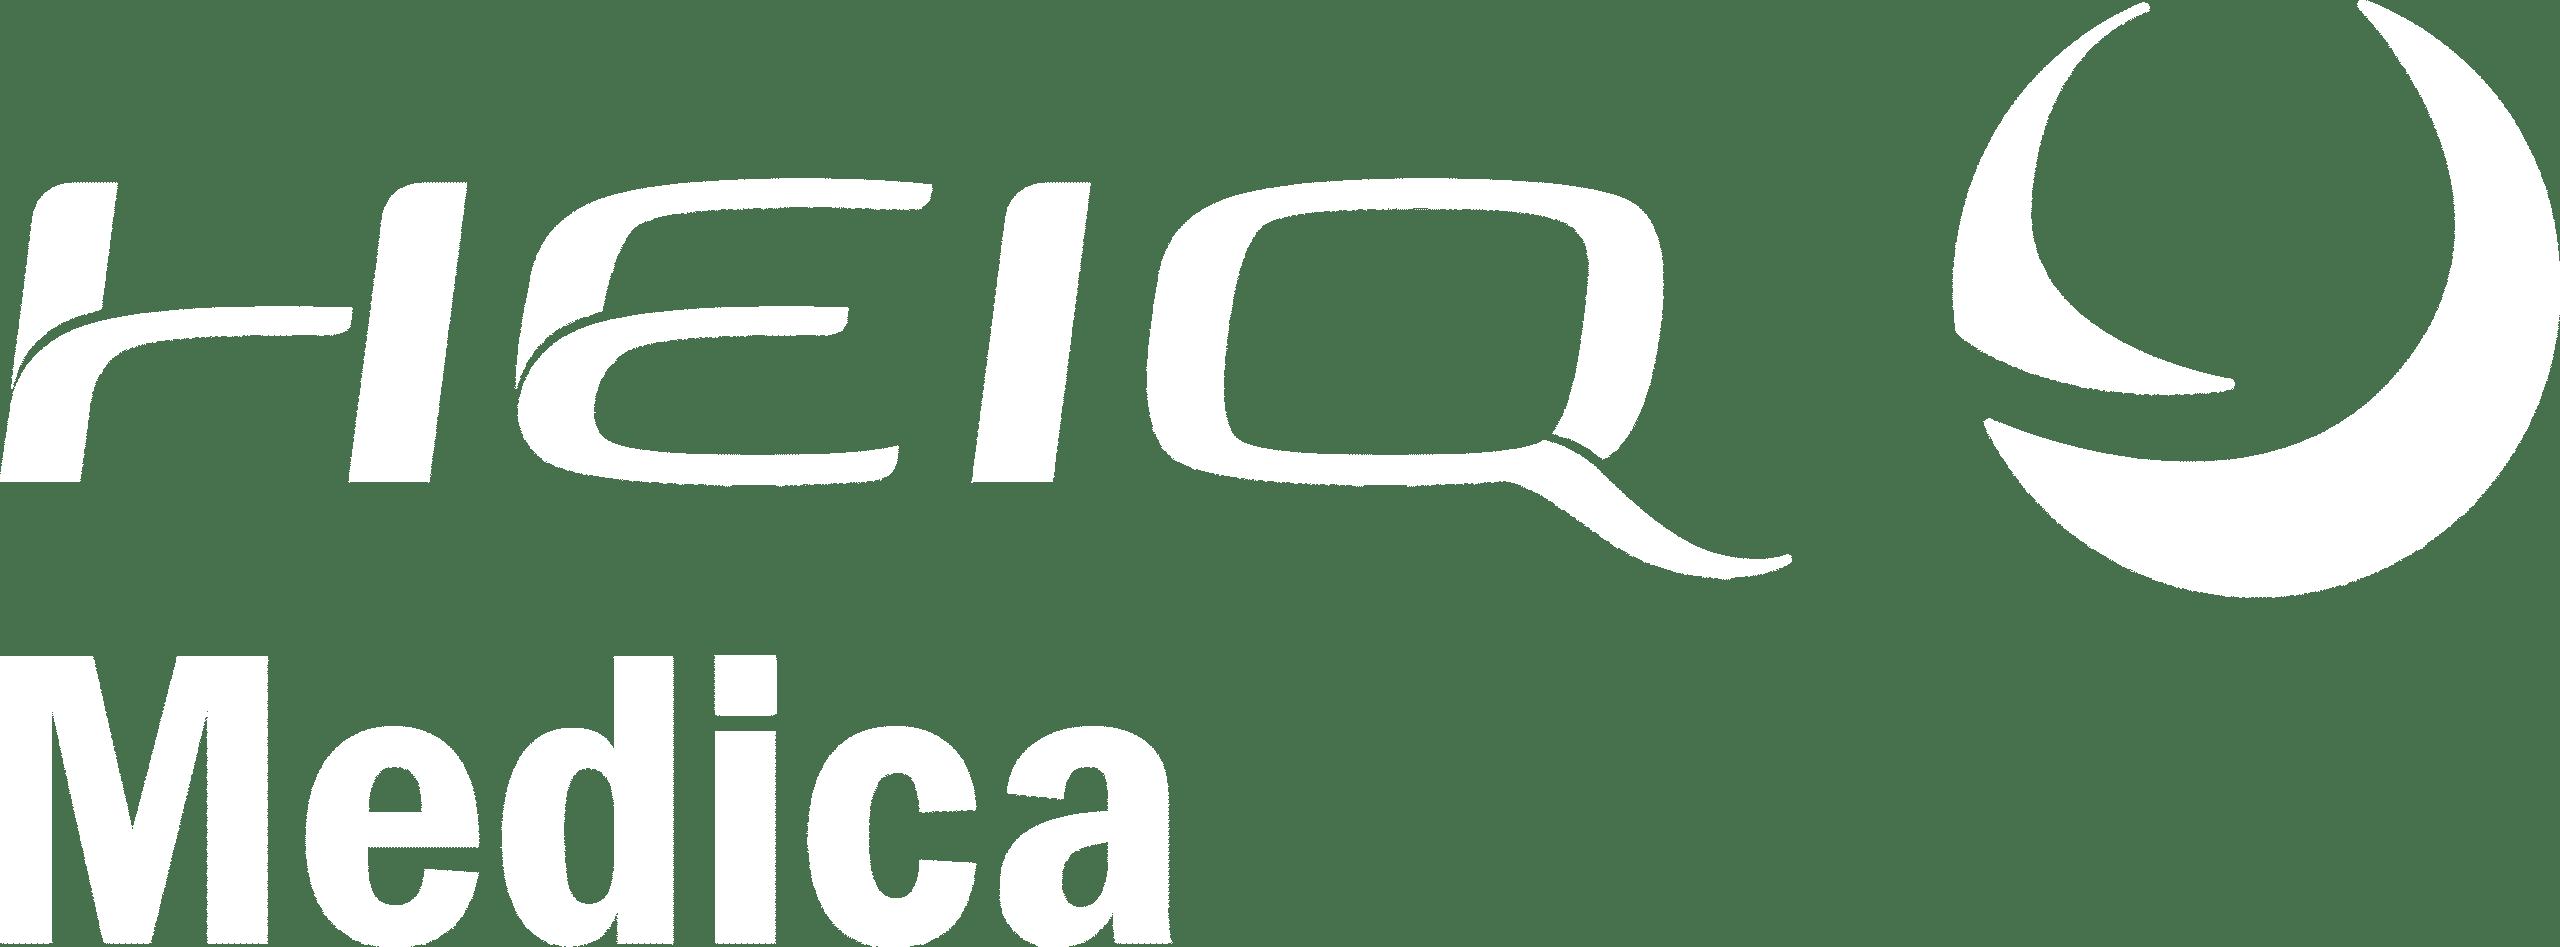 HeiQ Medica logo white